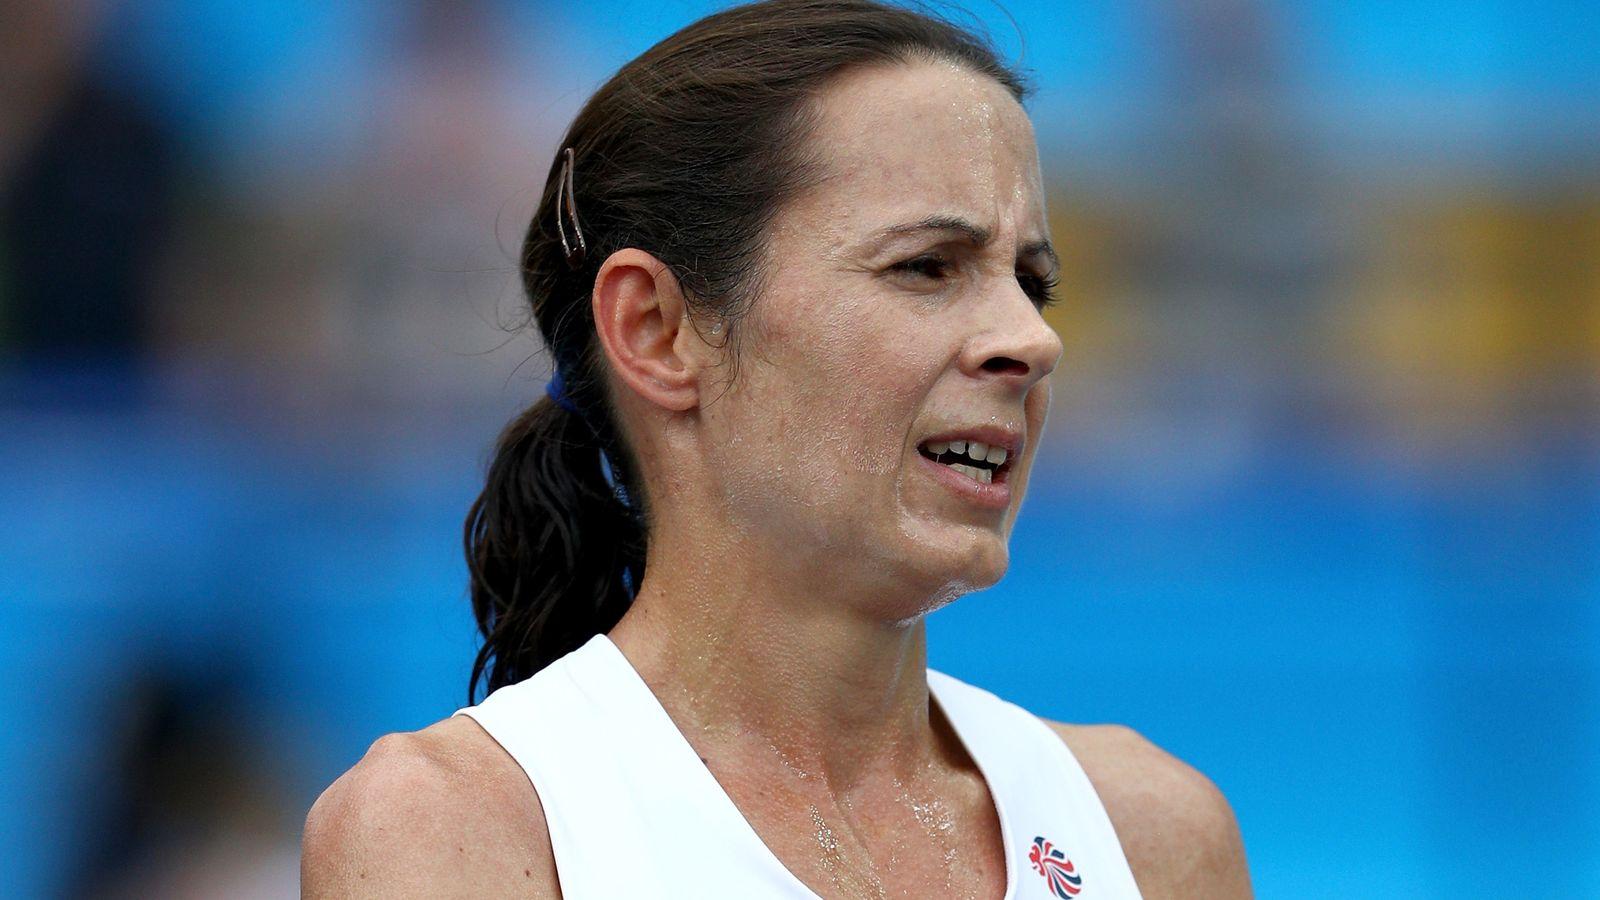 Tokio 2020: Jo Pavey tiene la intención de apuntar a los sextos Juegos Olímpicos incluso si el evento se pospone | Noticias de atletismo 33